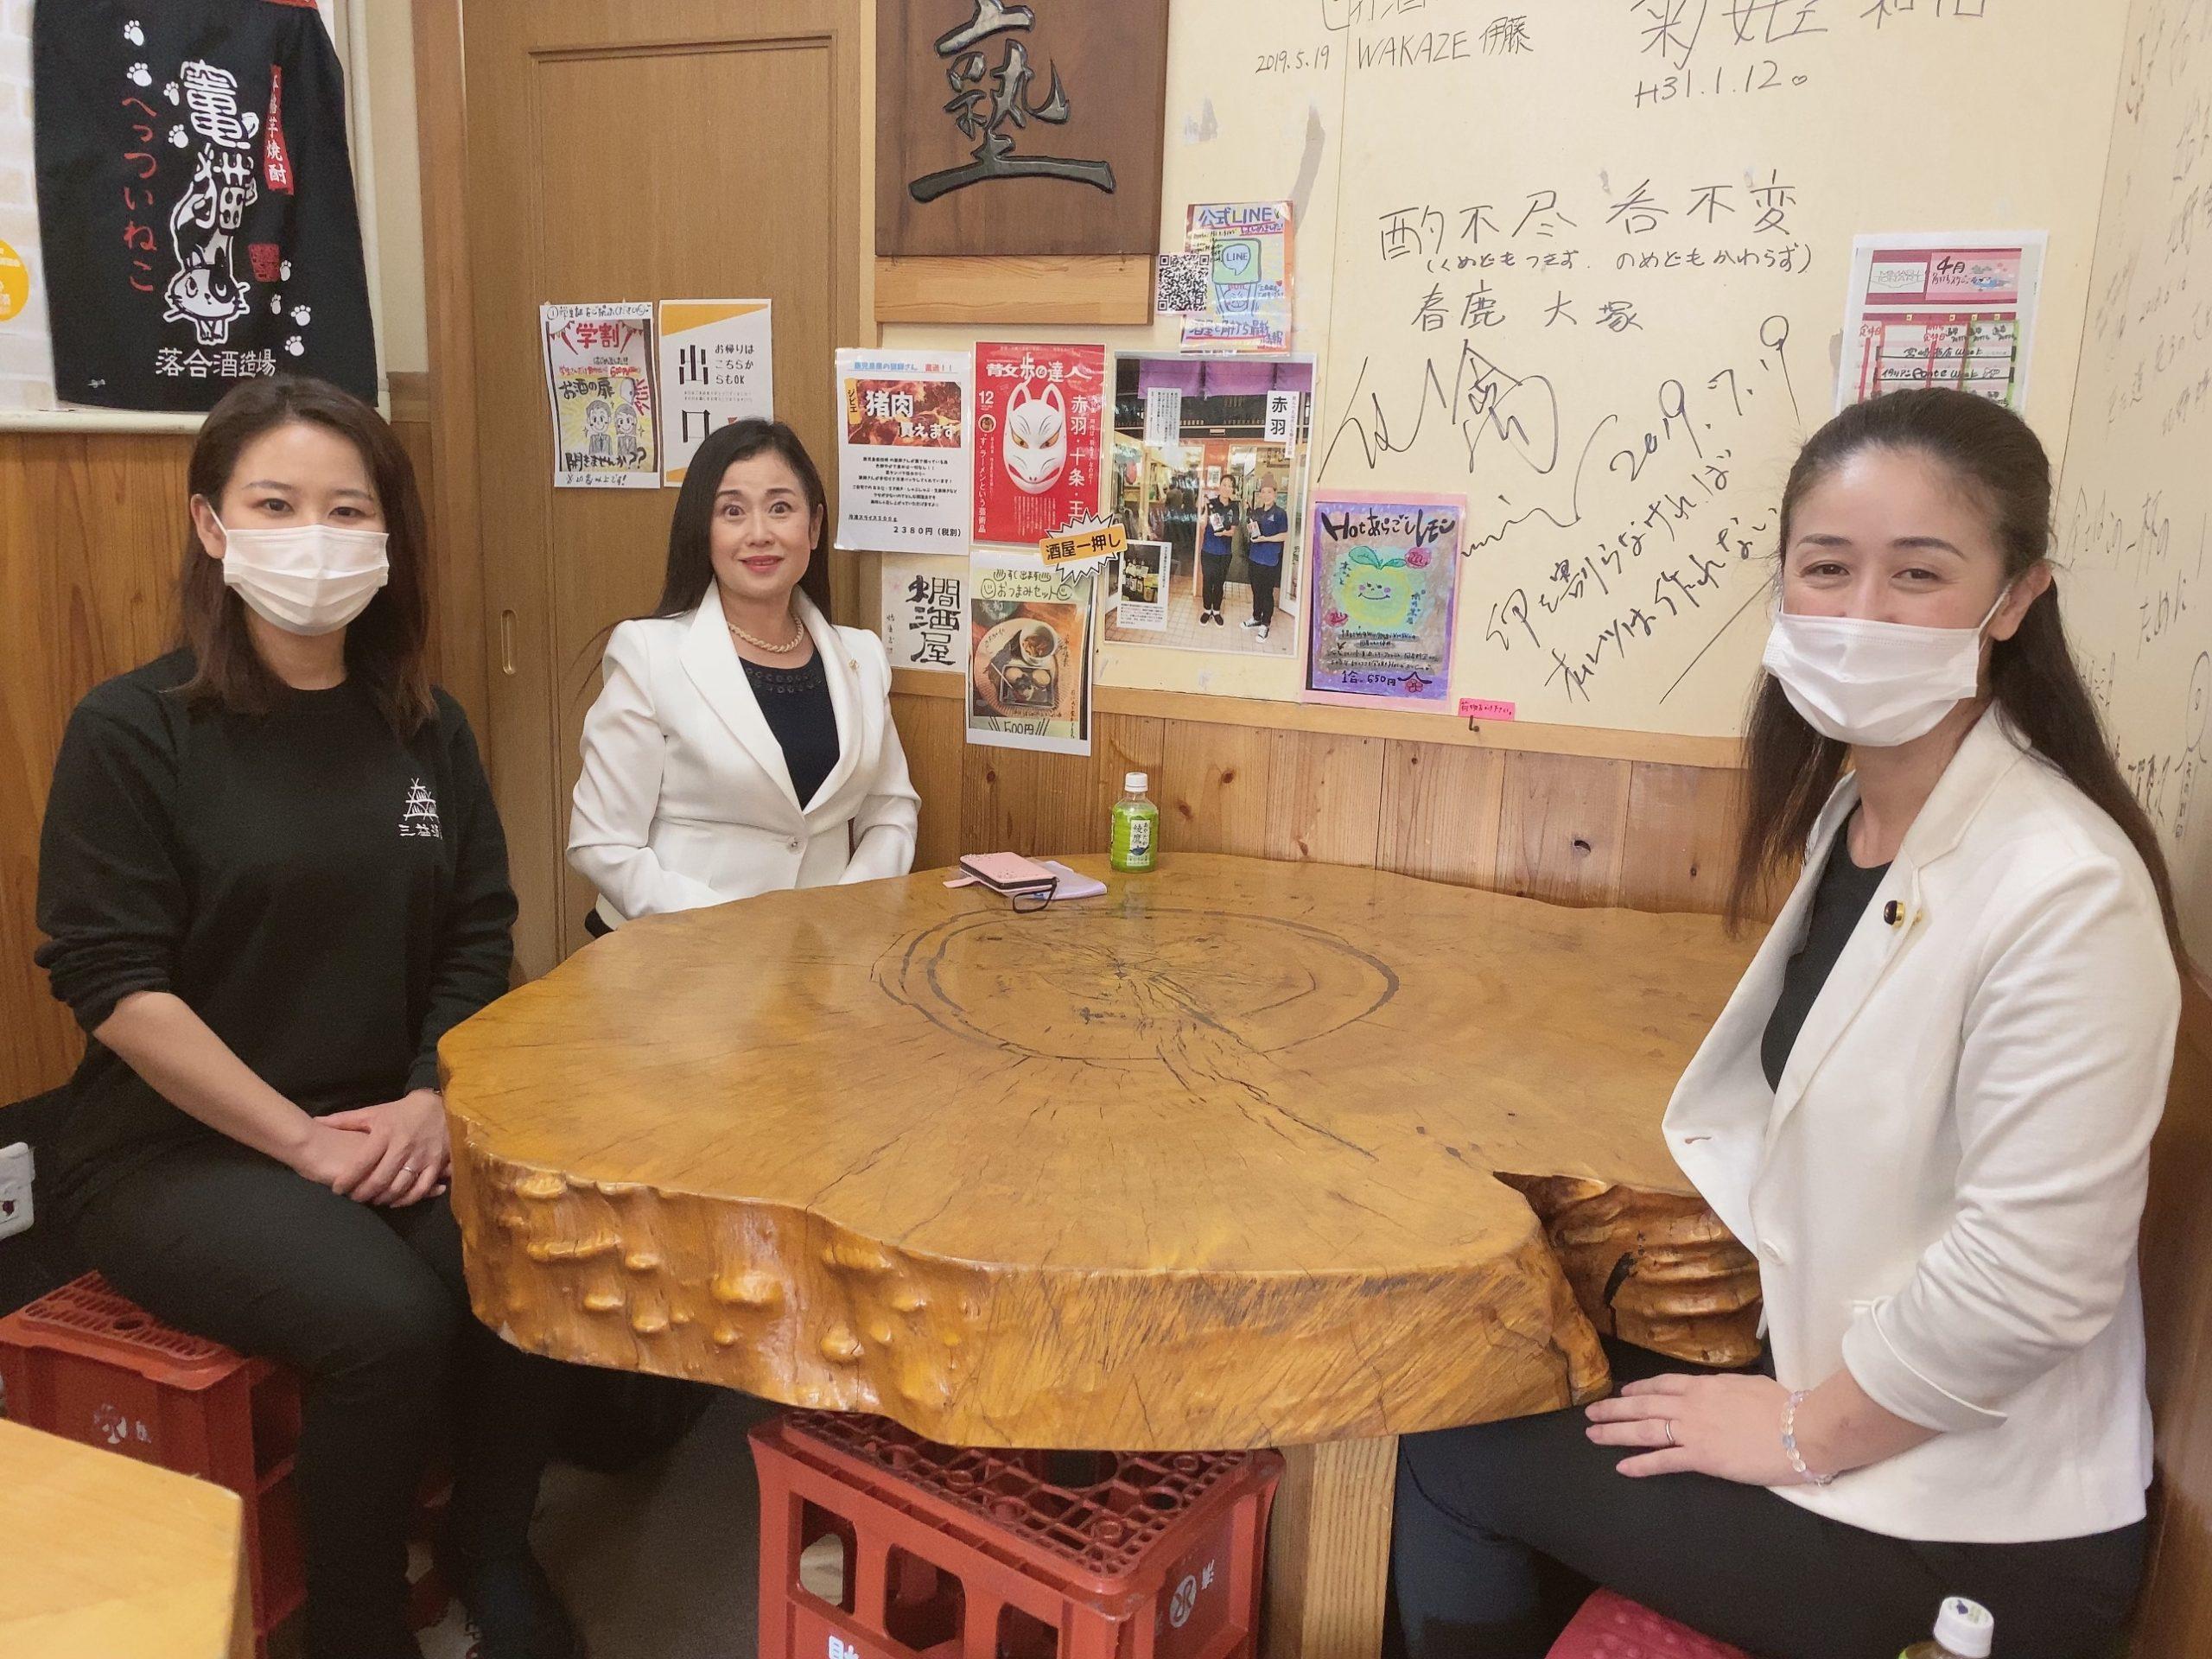 【子供食堂】子供やお母さんの居場所作り【きりっこ食堂】 TOKYOわいわいチャンネル第28回~やまだ加奈子編~